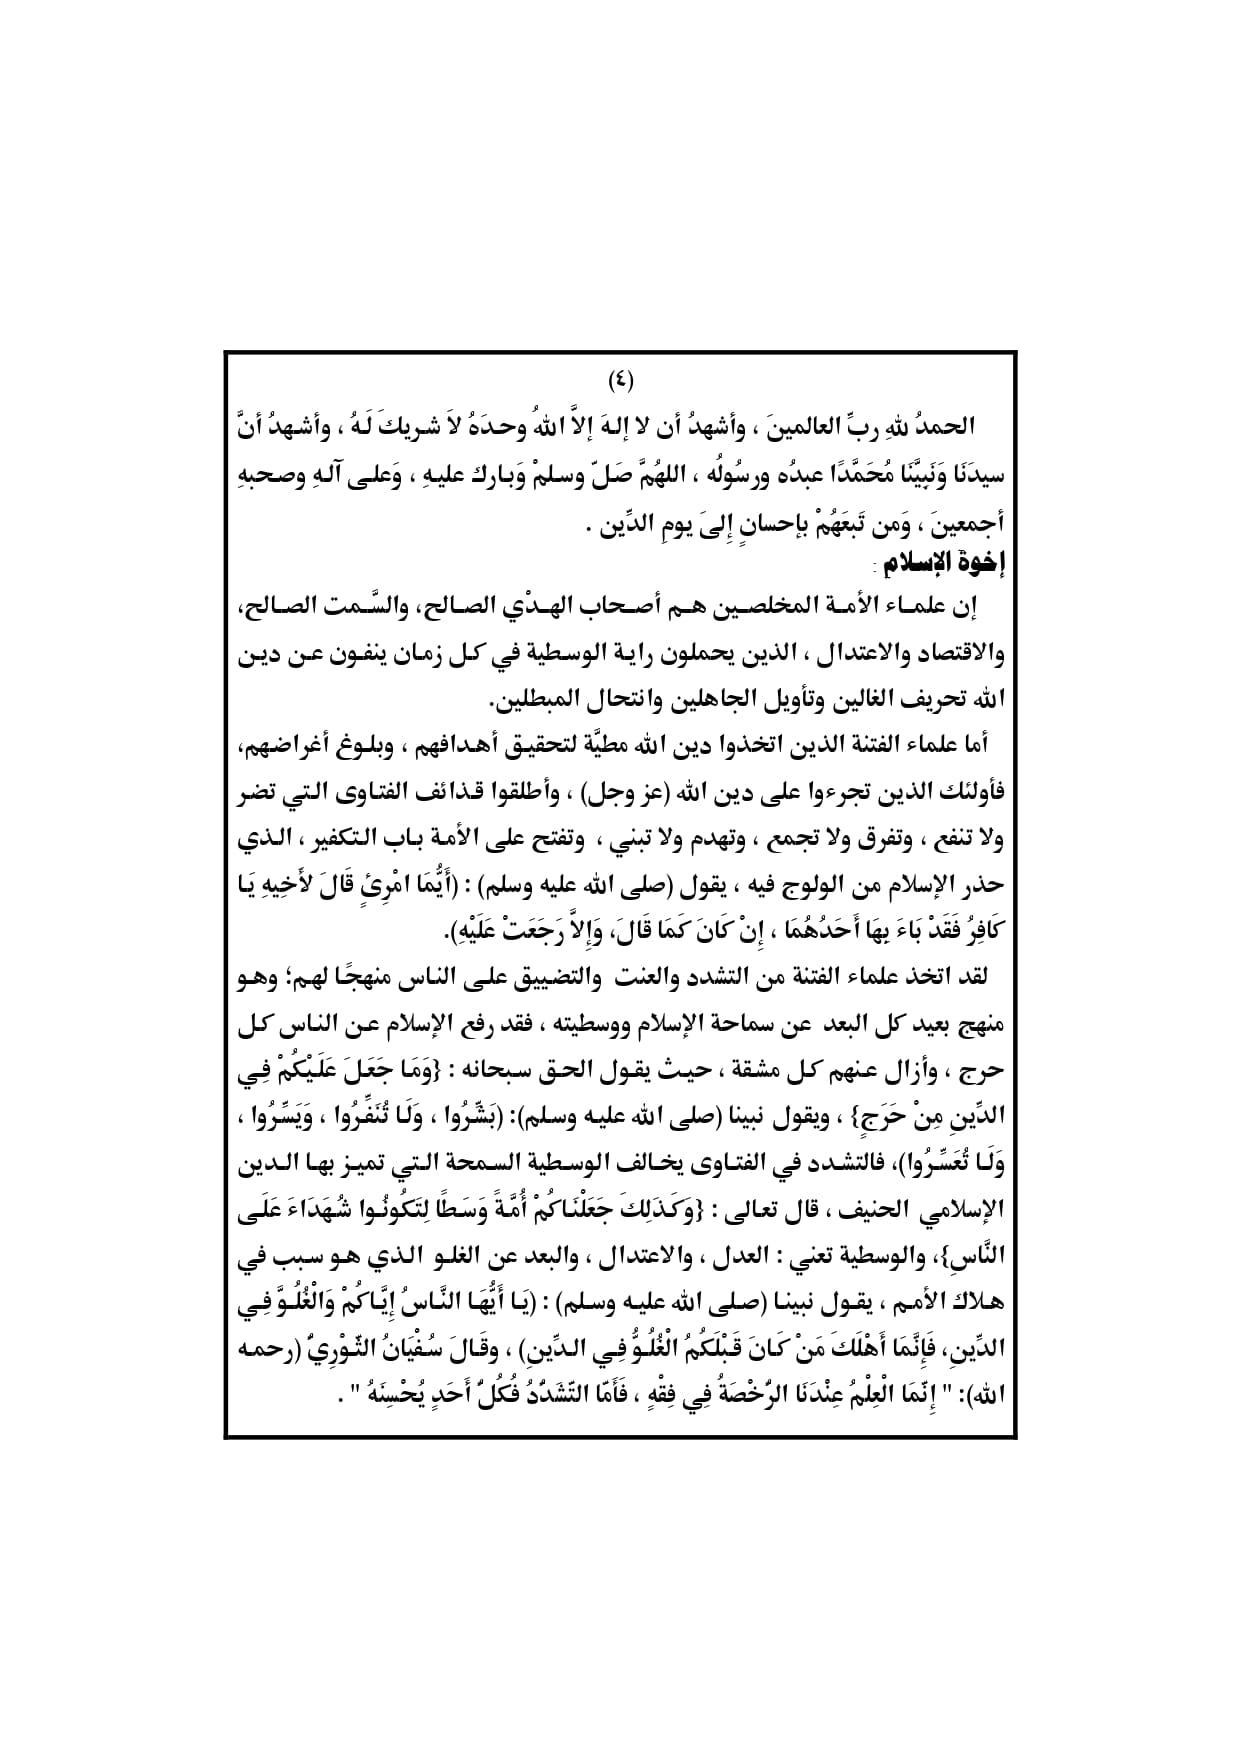 الخطبة الثانية : خطبة الجمعة القادمة pdf : أمة اقرأ أمة أتقن بين علماء الأمة وعلماء الفتنة، بتاريخ 16 من ربيع الآخر لسنة 1441 هـ ، الموافق 13 ديسمبر 2019 م.